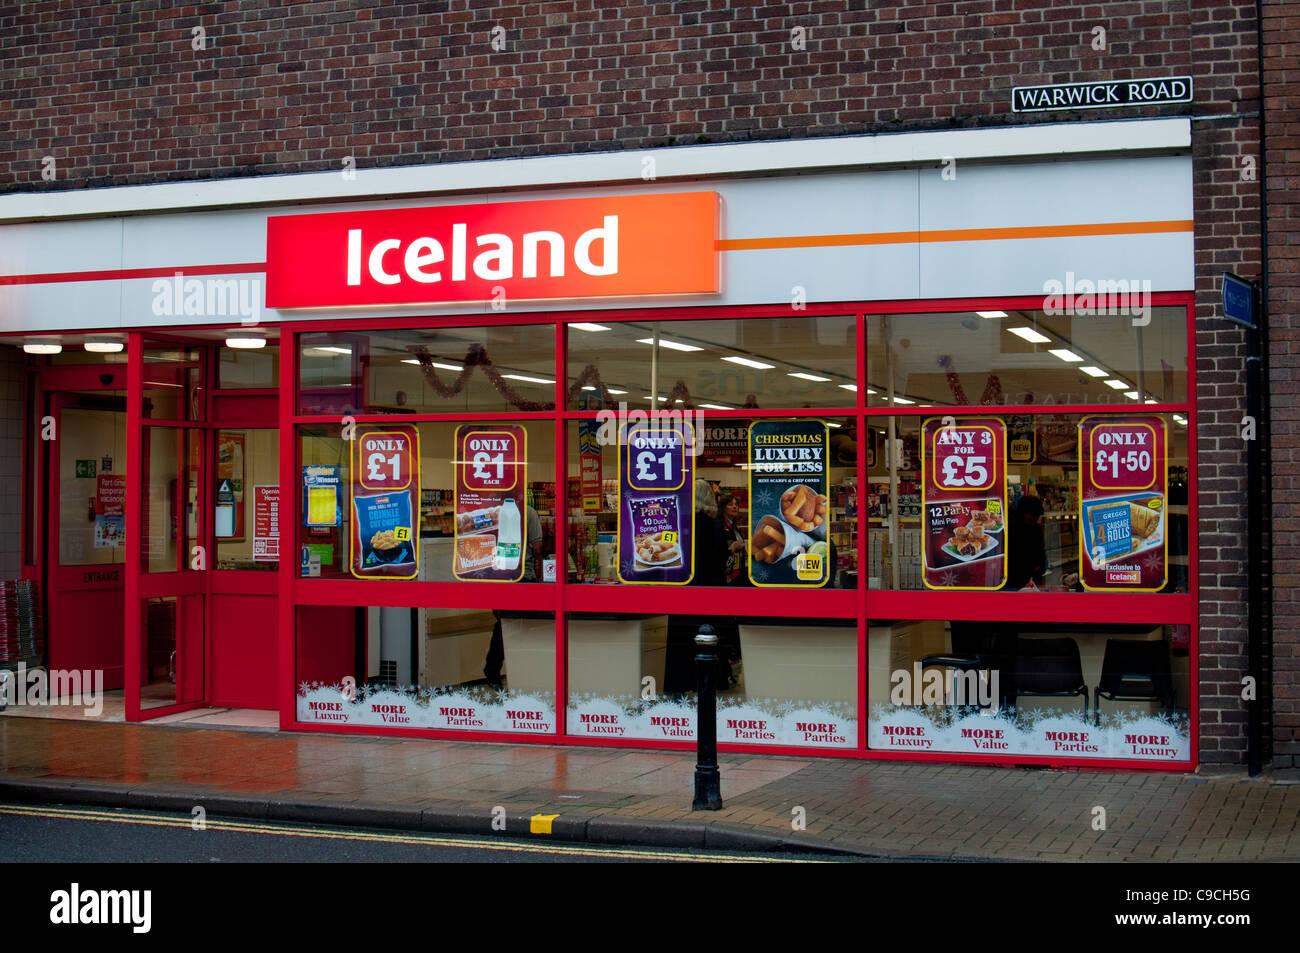 Iceland freezer centre, Kenilworth, England, UK Stock Photo